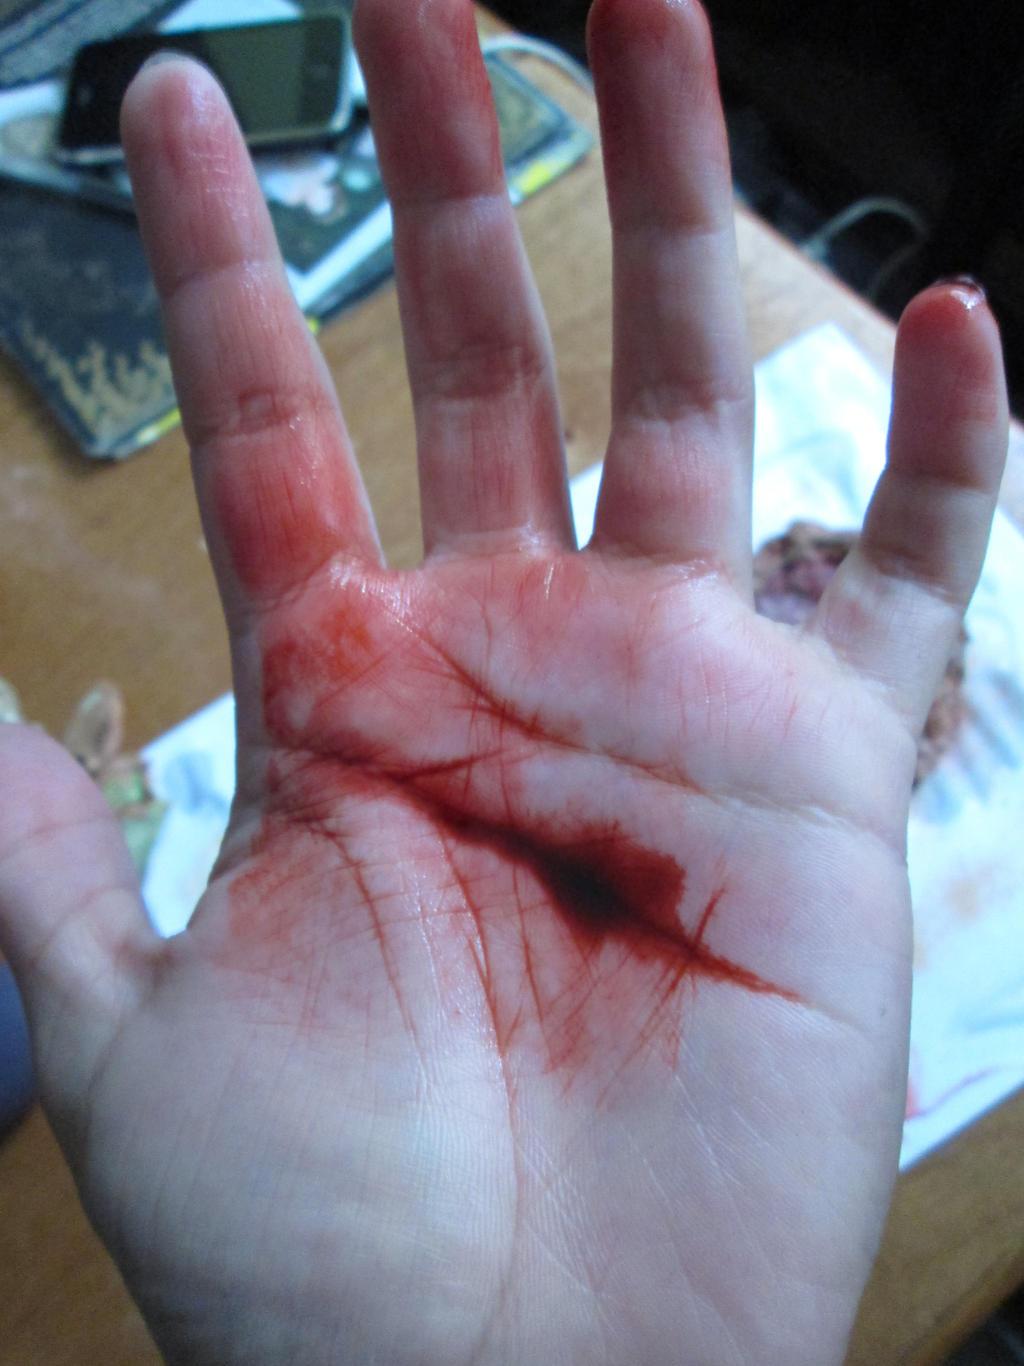 how to make fake cuts on skin